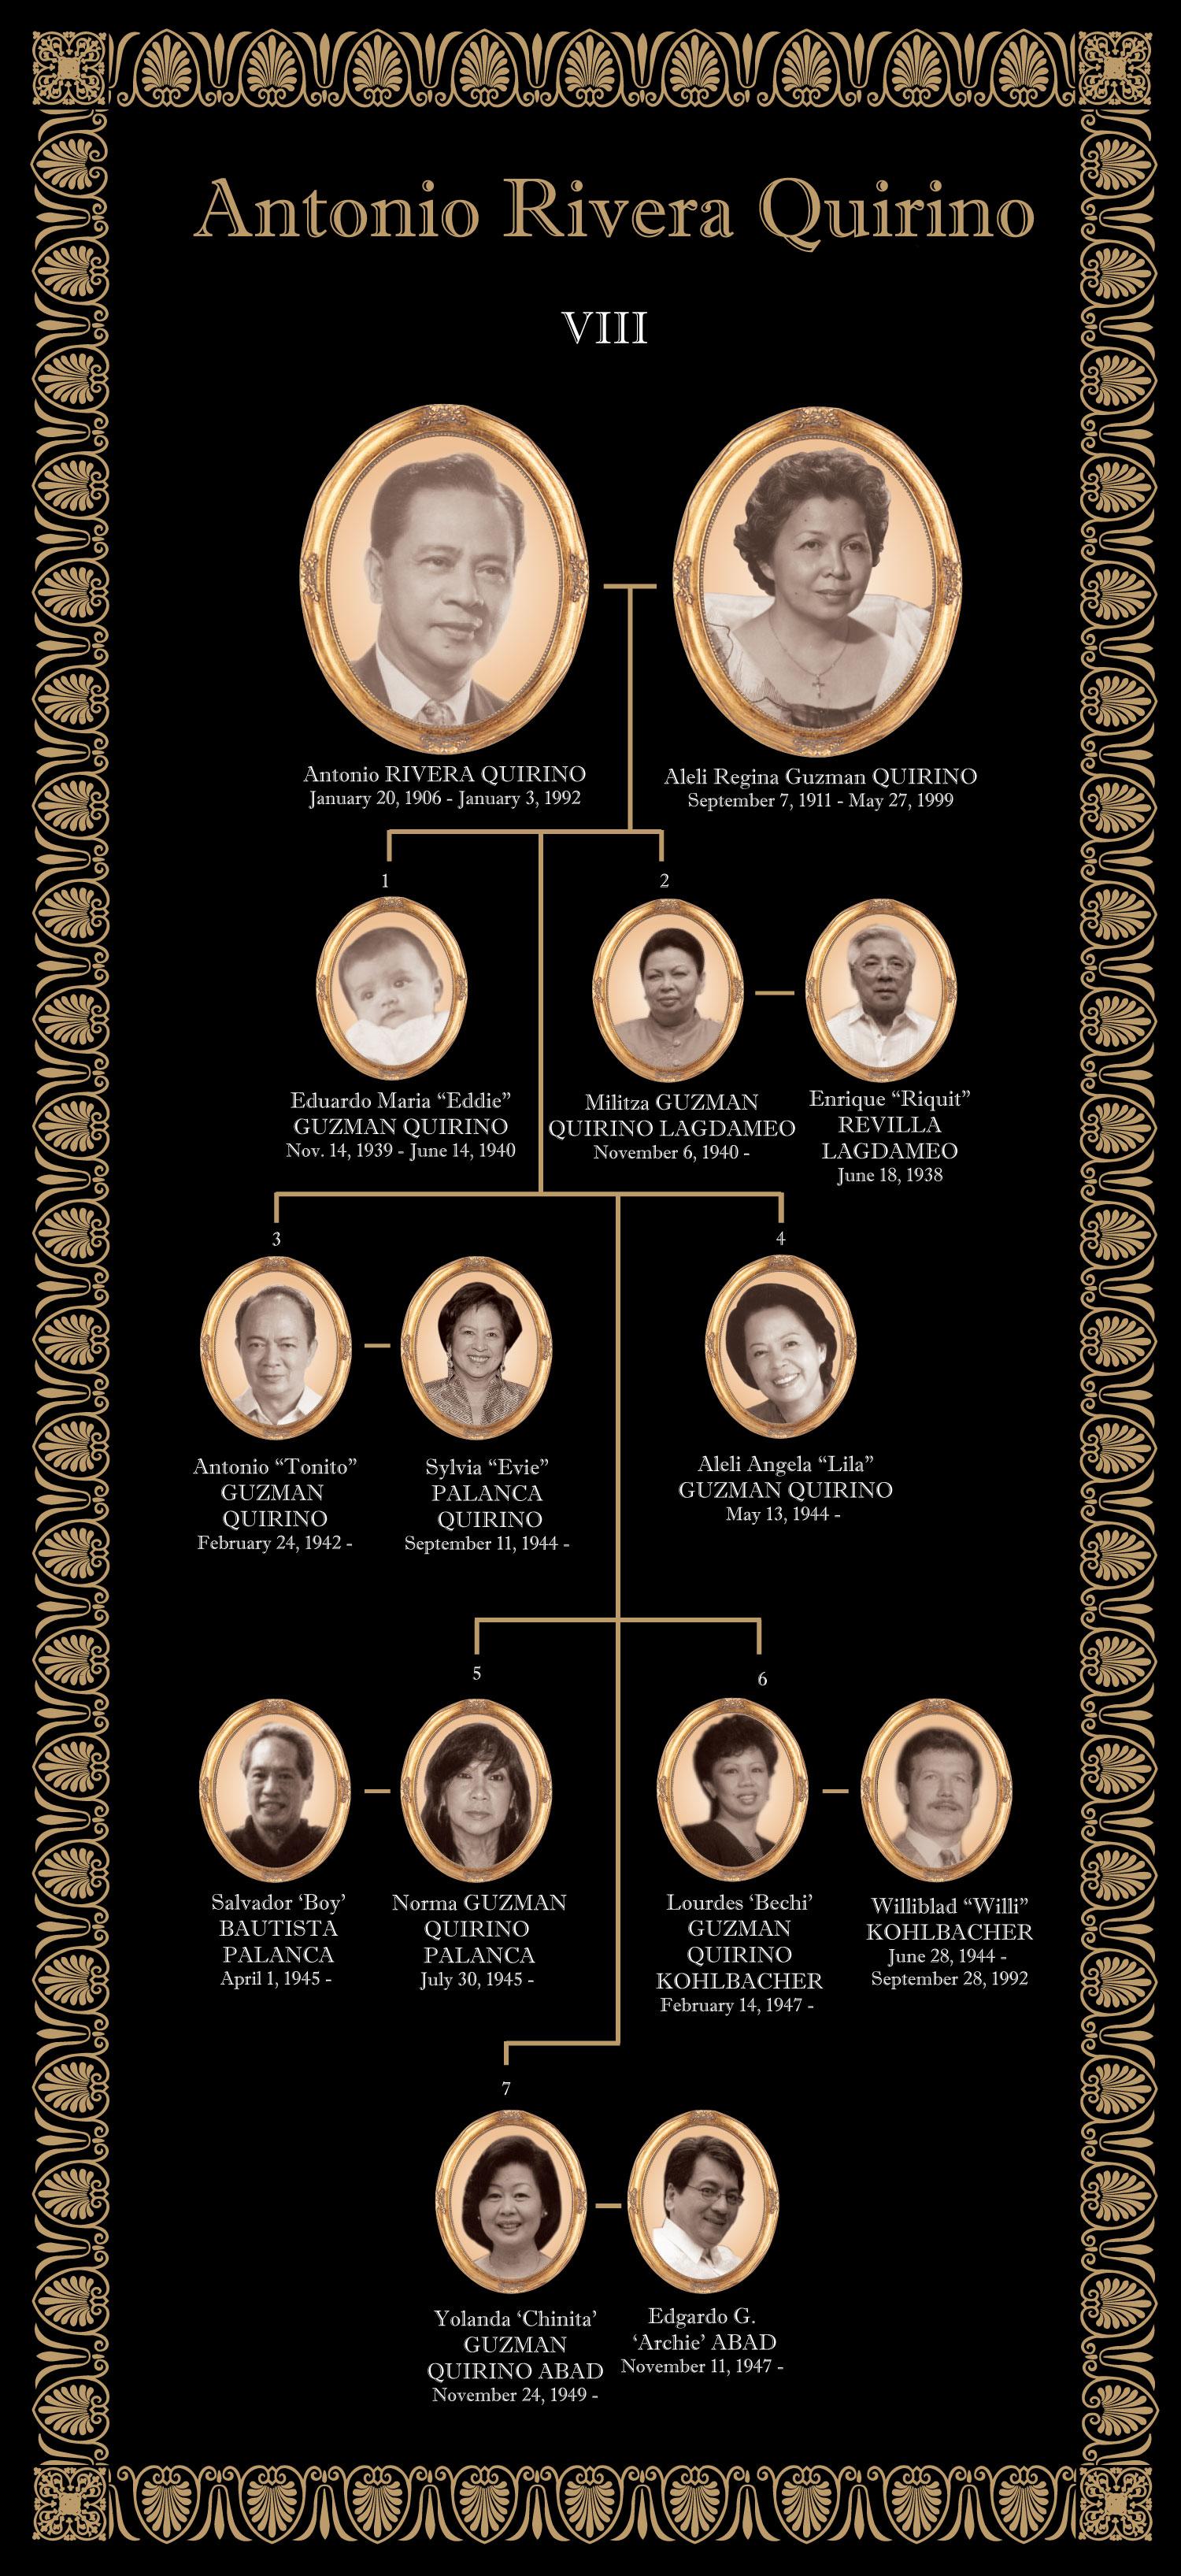 eq125_elpidio-quirino_genealogy_atonio-quirino